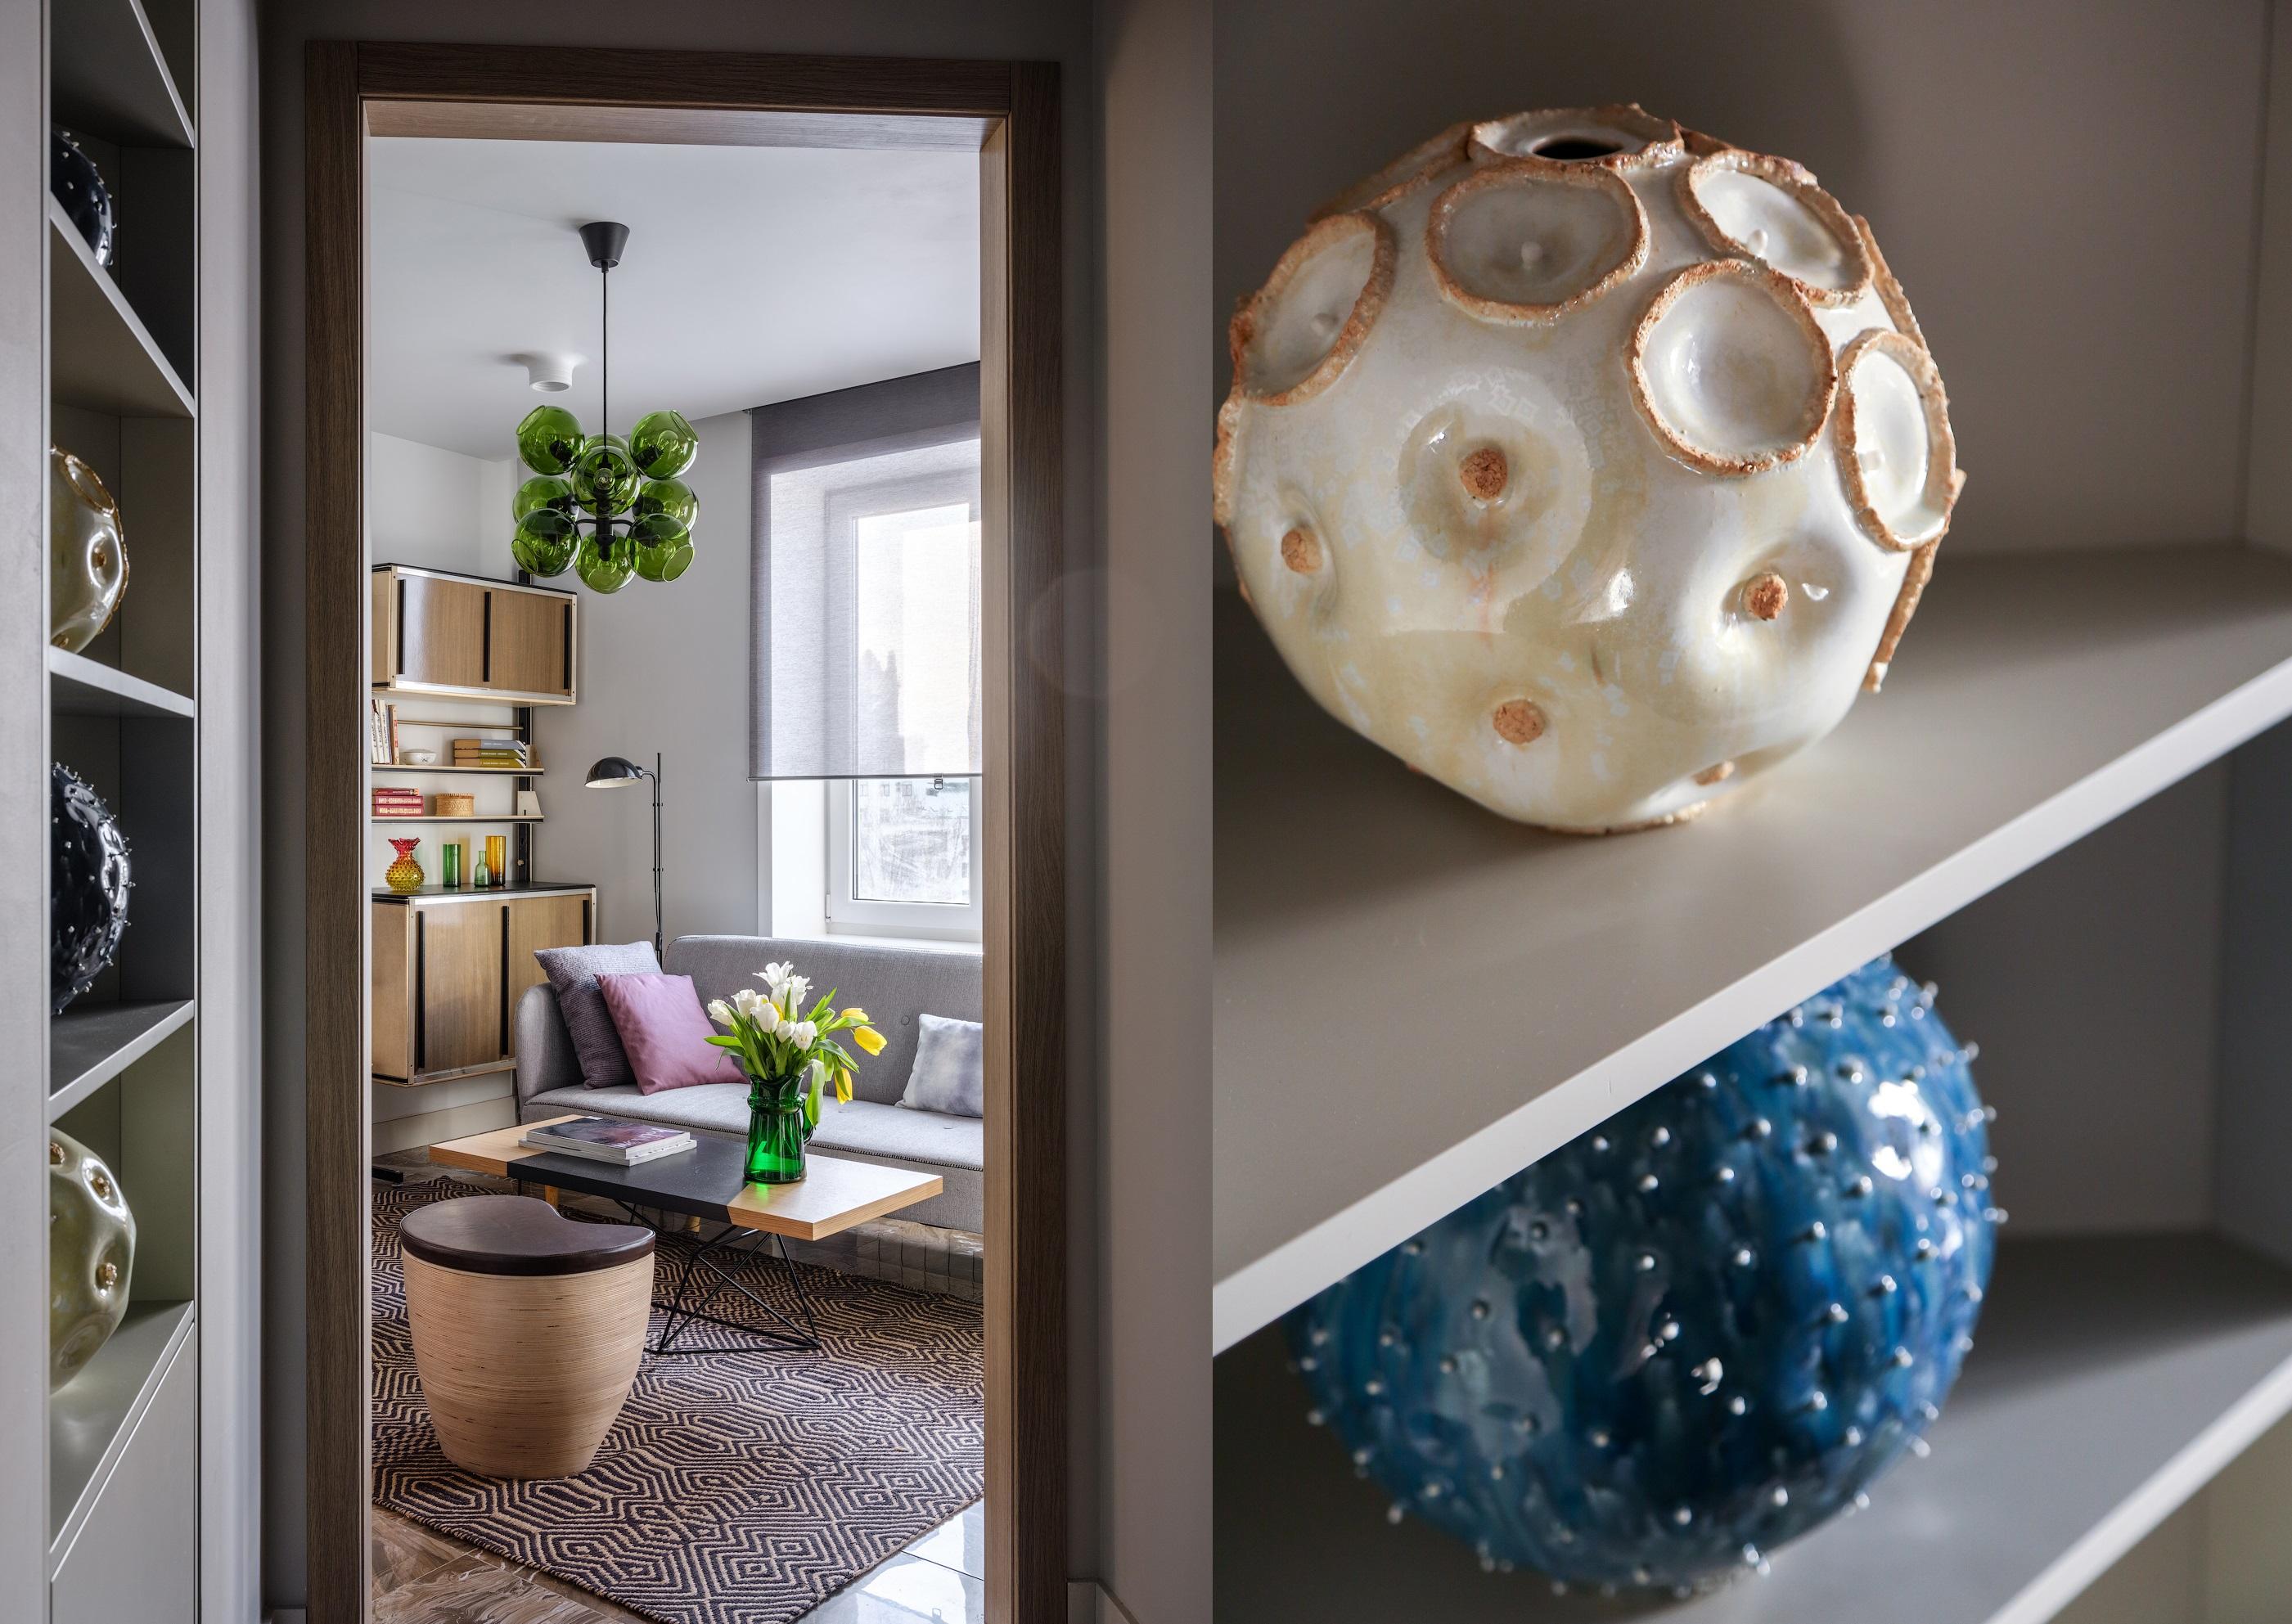 Вид из коридора на гостиную, детали коридора